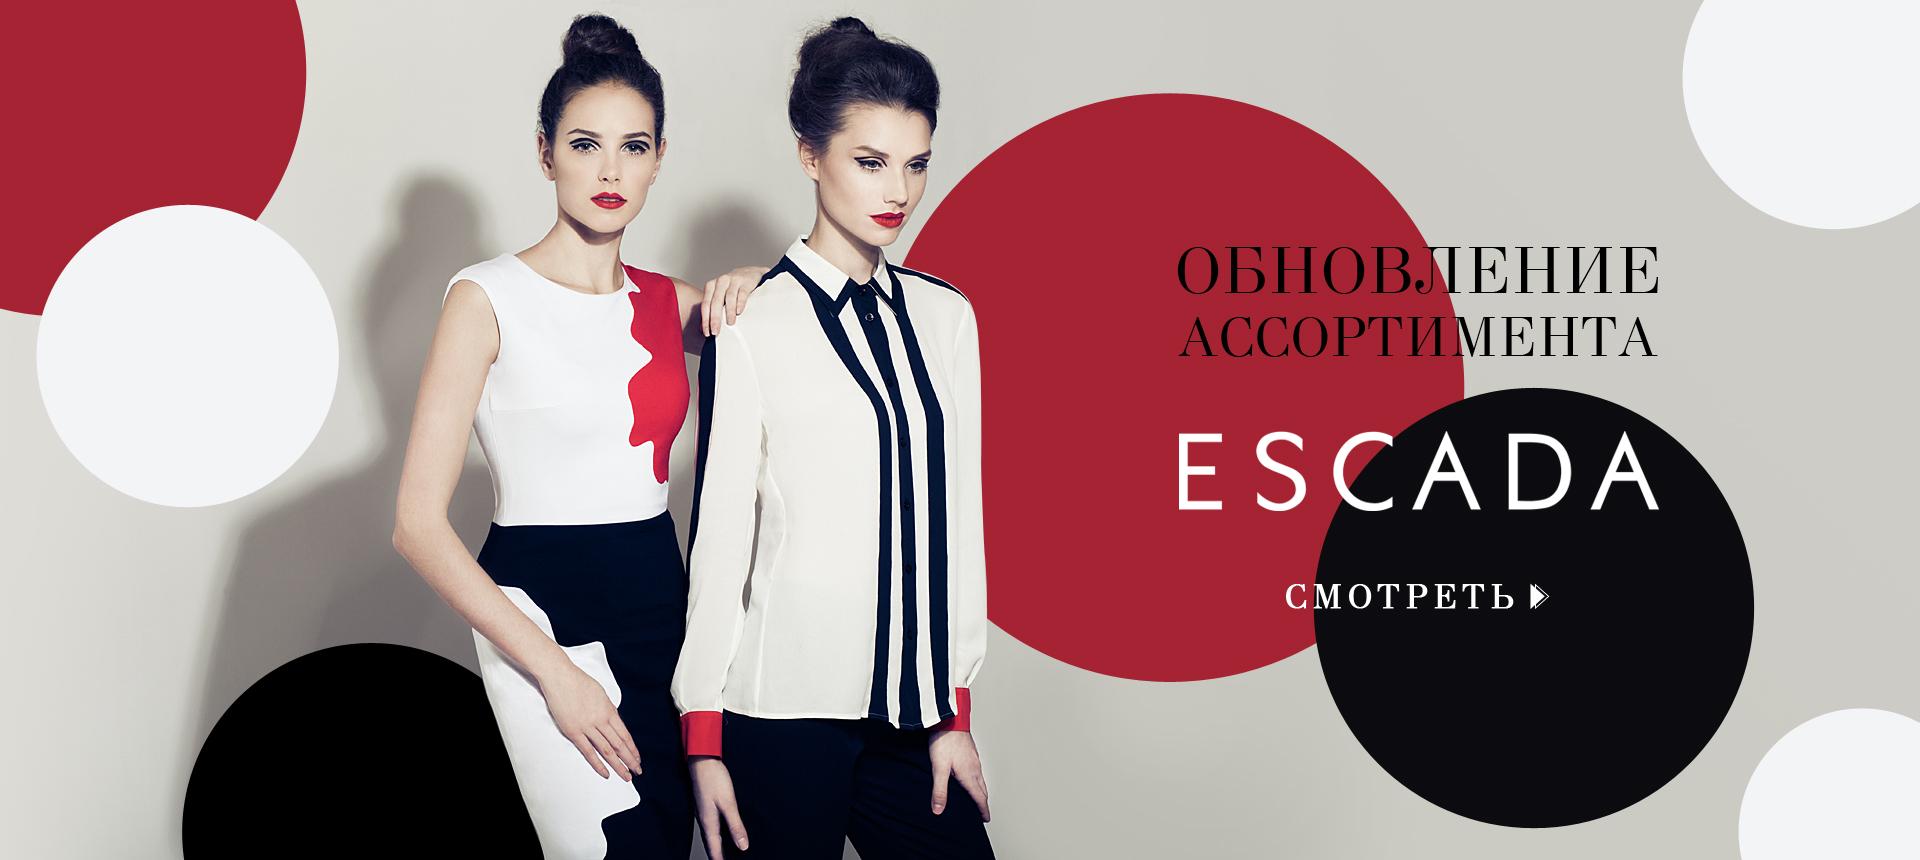 Escada for Fashion Insider